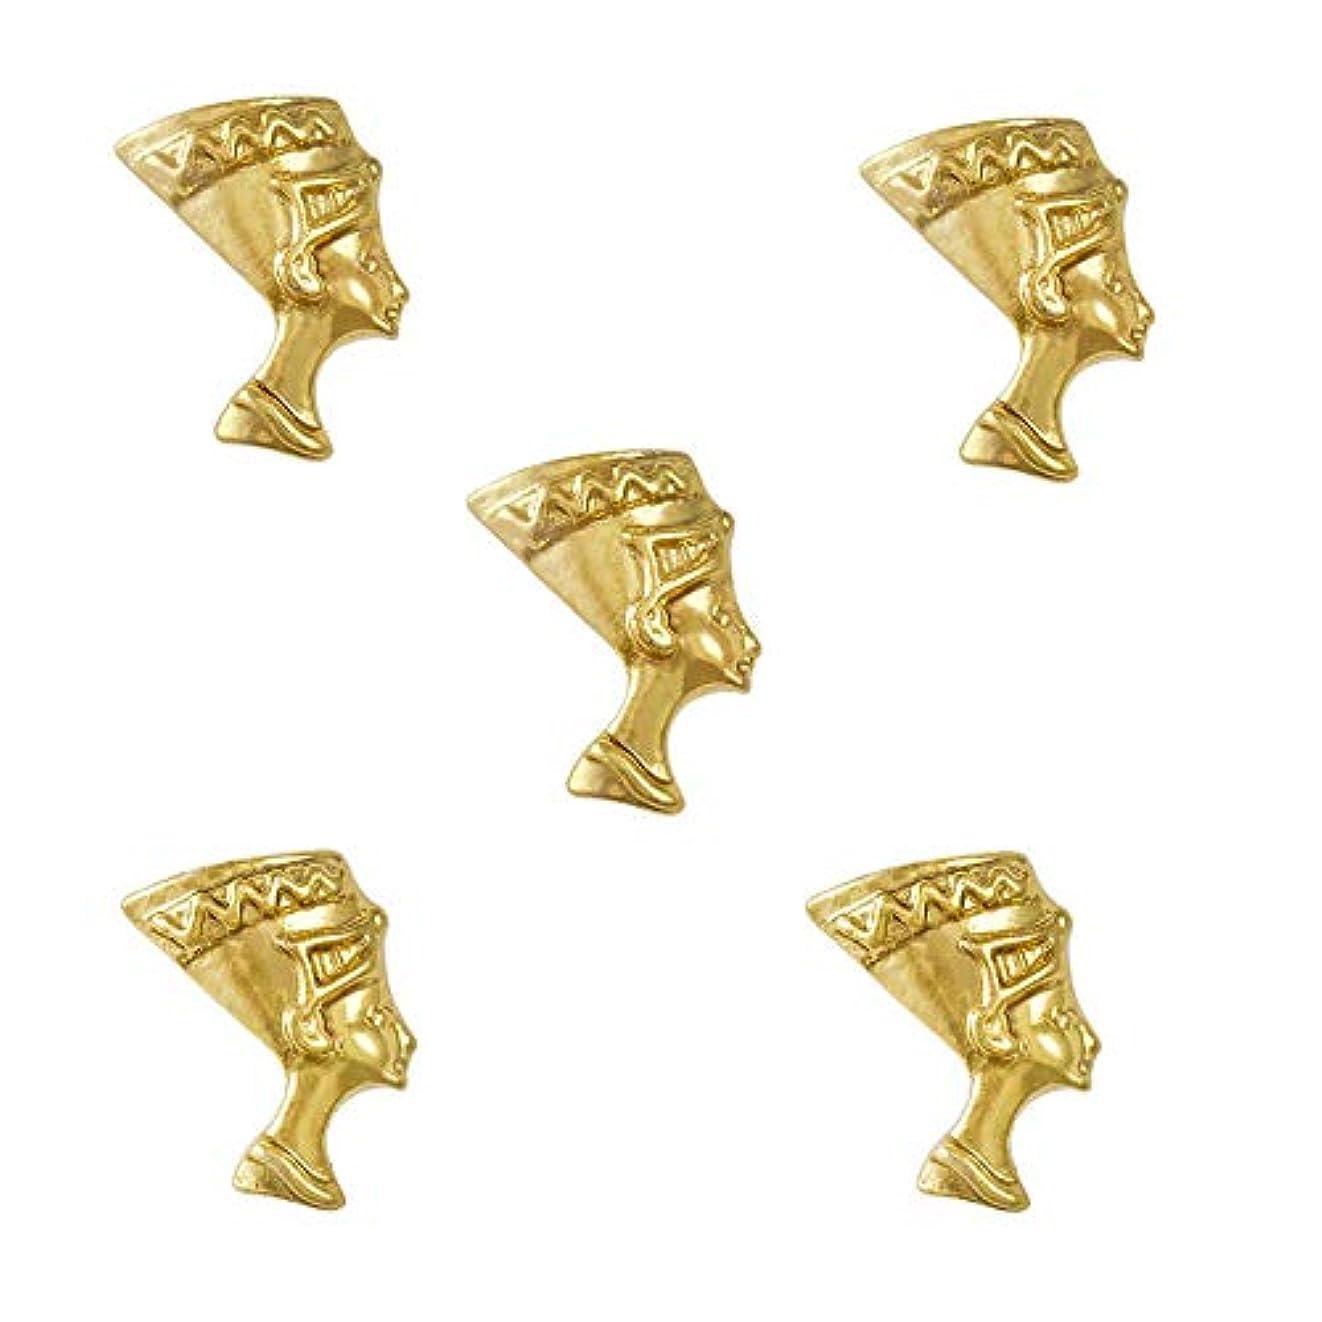 欲求不満地理禁輸10個入り/パックエジプトの女王ネフェルティティエジプトのテーマ3Dゴールドスライスネイルアートの装飾マニキュアショップ用品